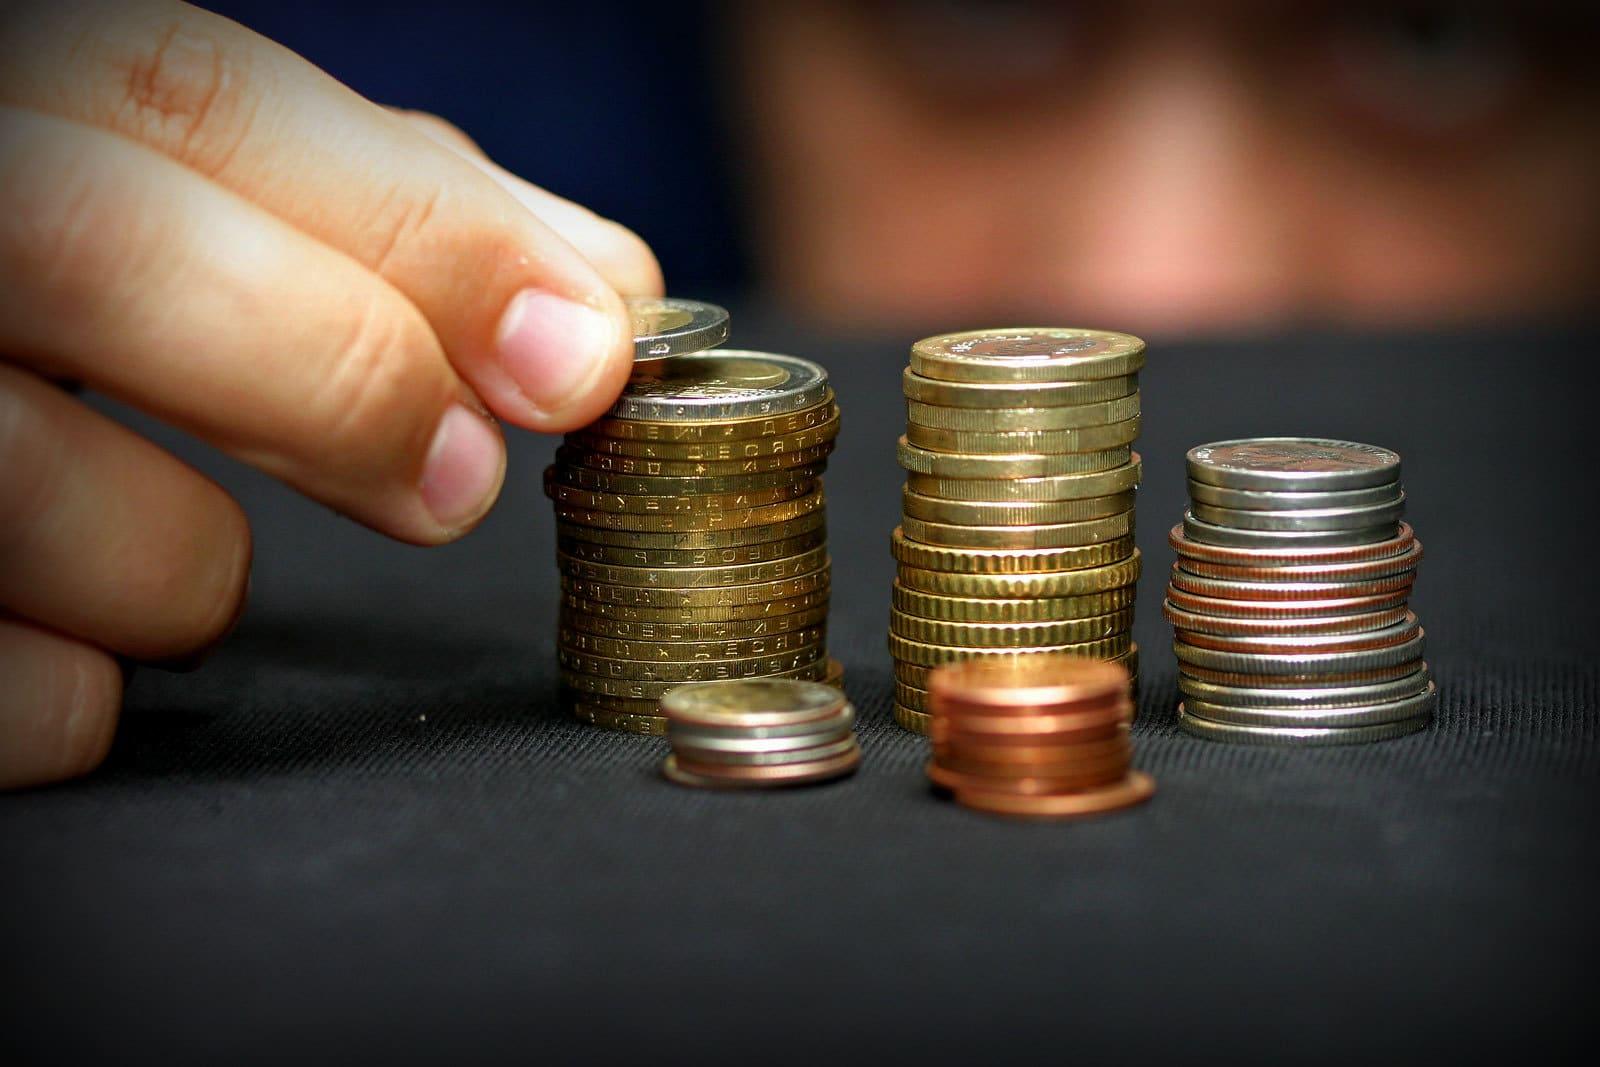 Минтруд насчитал среднюю пенсию в 15,5 тысяч рублей в 2019 году